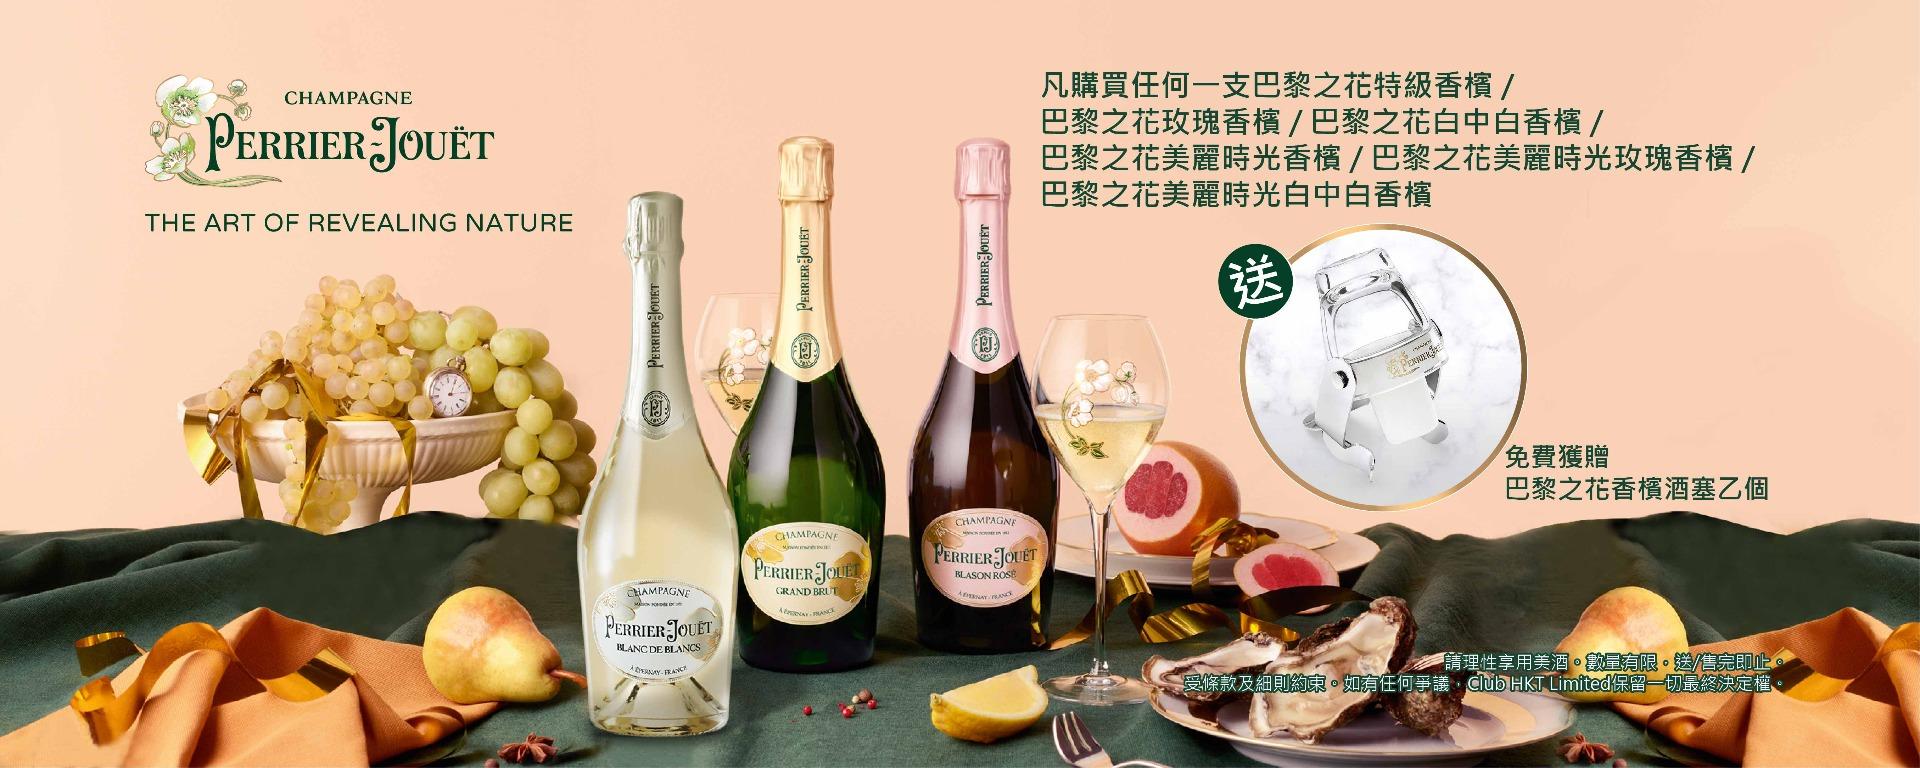 法國香檳經典巴黎之花優惠